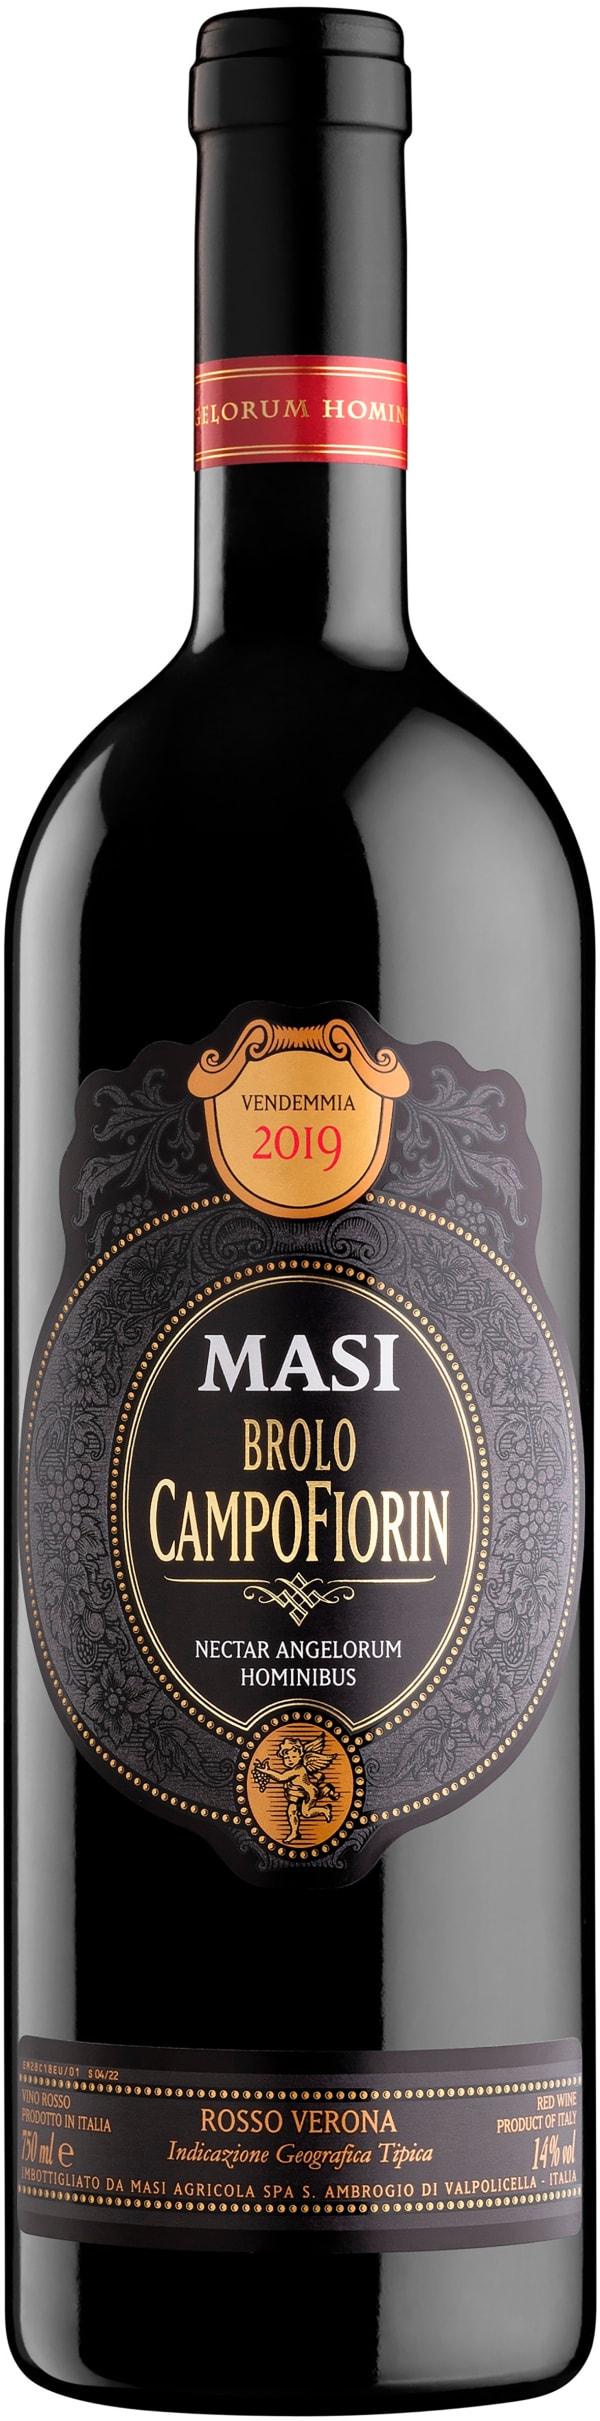 Masi Brolo Campofiorin Oro 2014